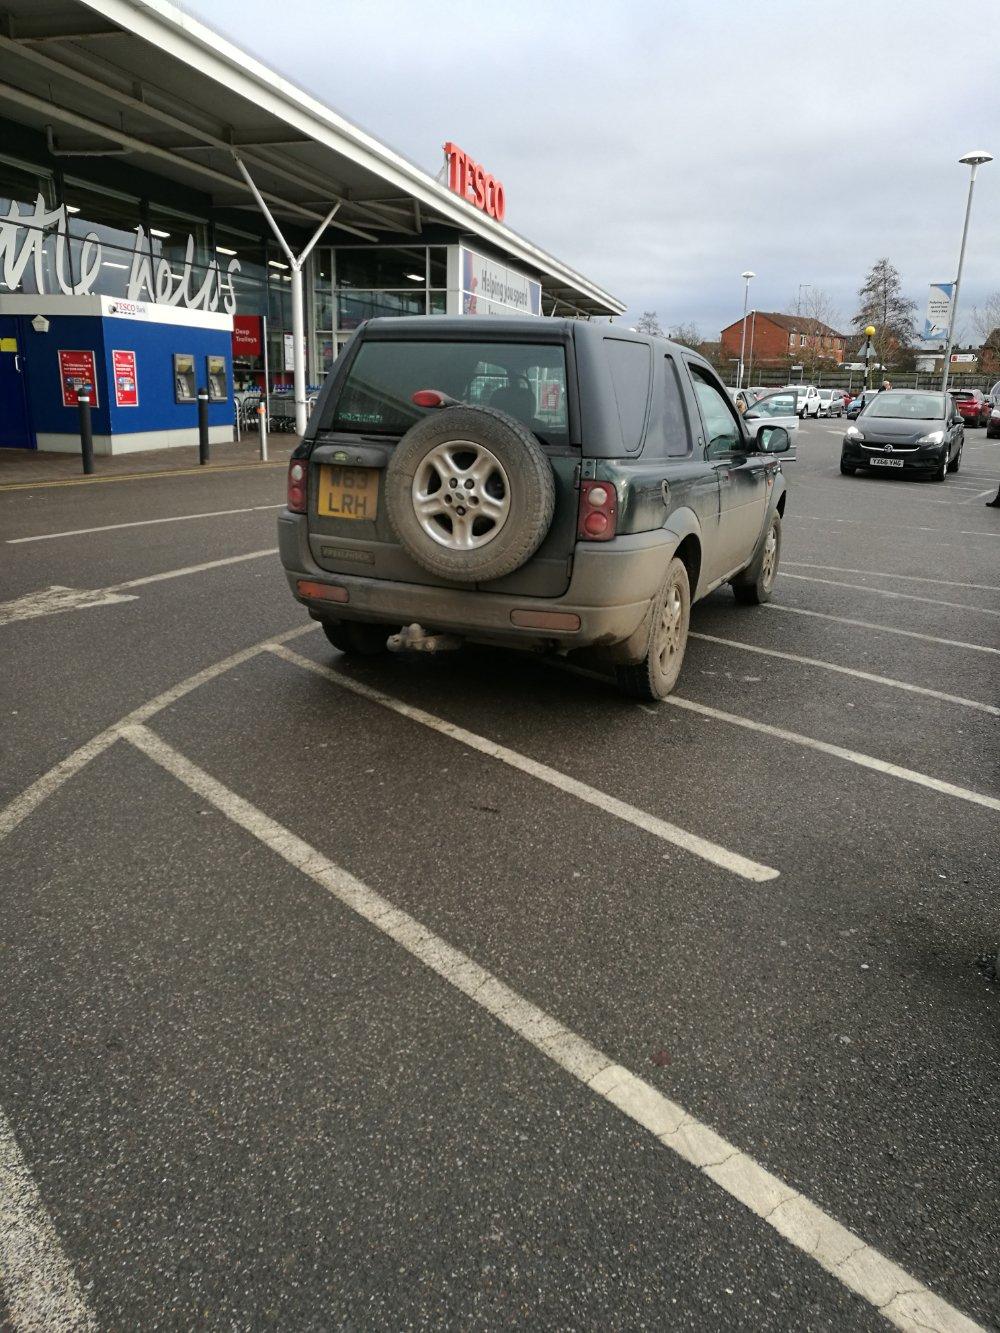 W63 LRH displaying crap parking